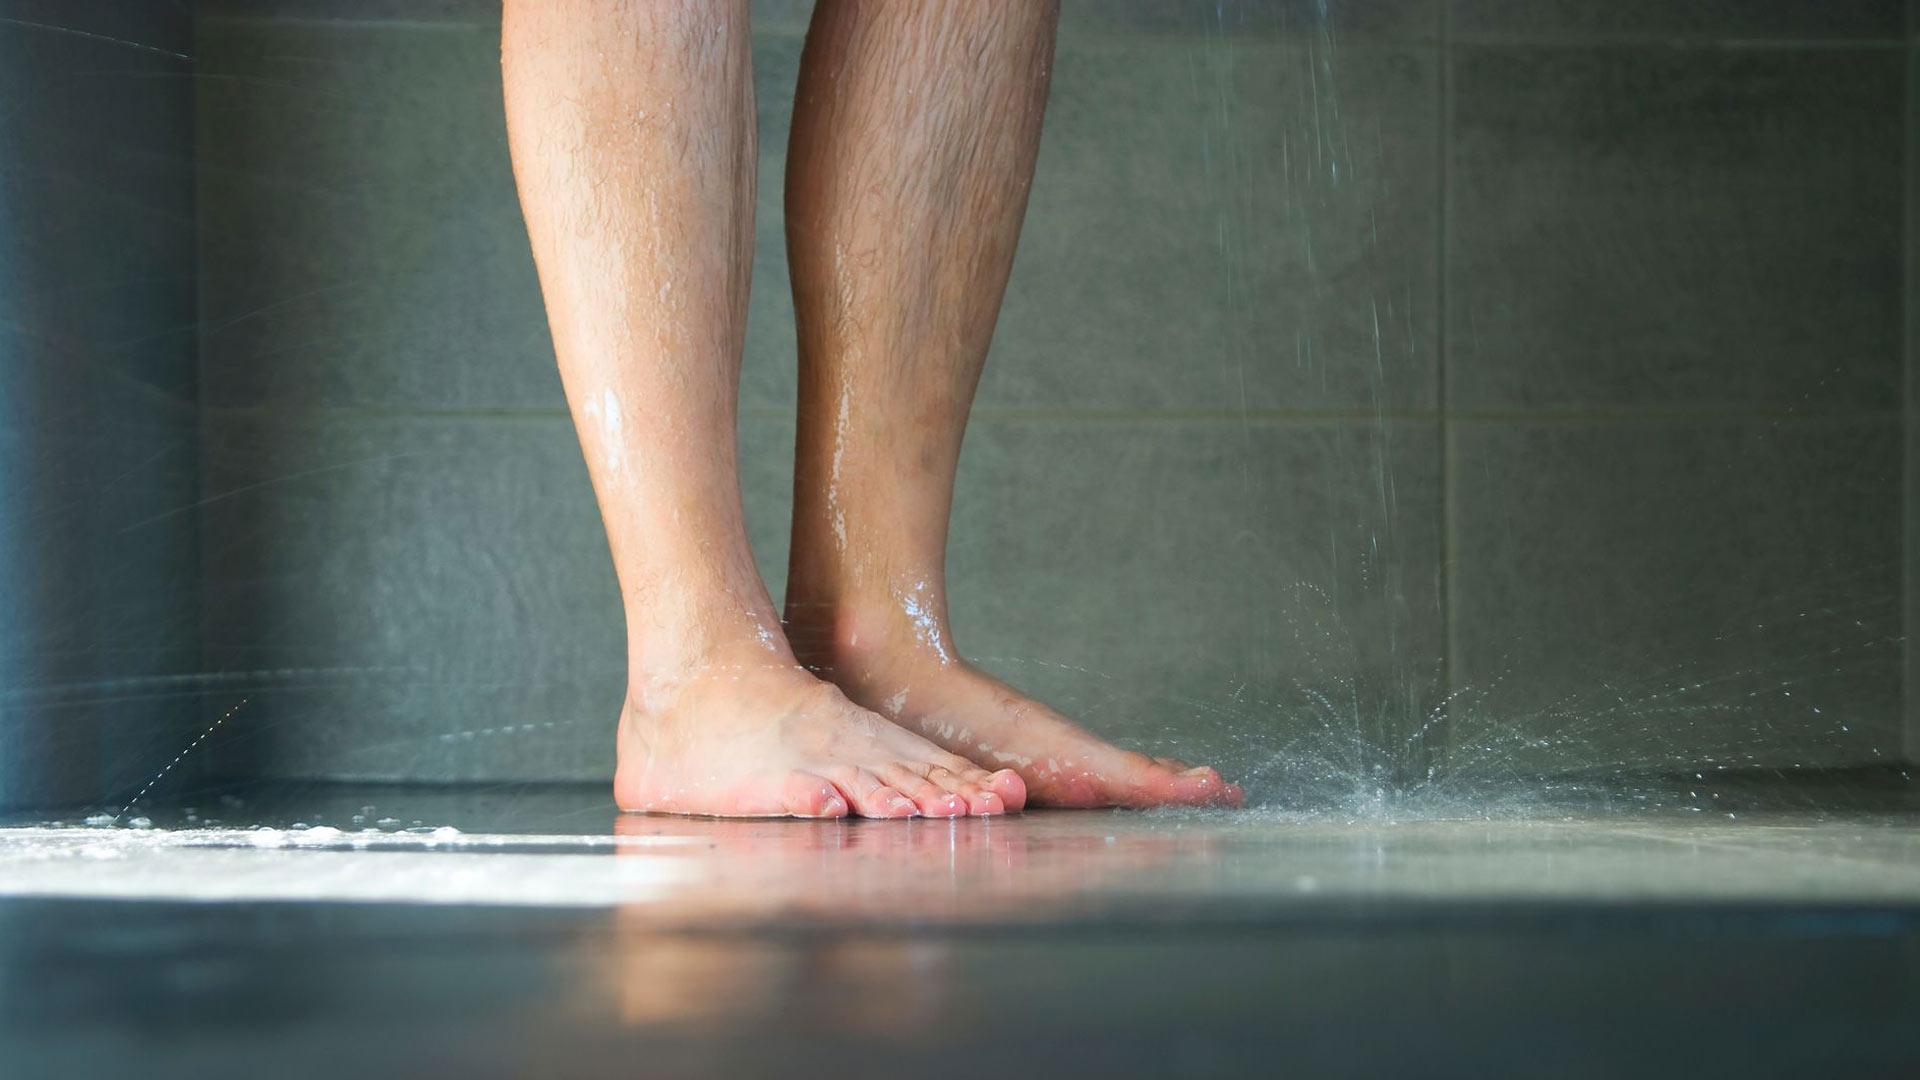 Aina oireita ei tunnista sieneksi, vaan ihminen saattaa luulla, että kyse on vain jalkojen ihon kuivuudesta.